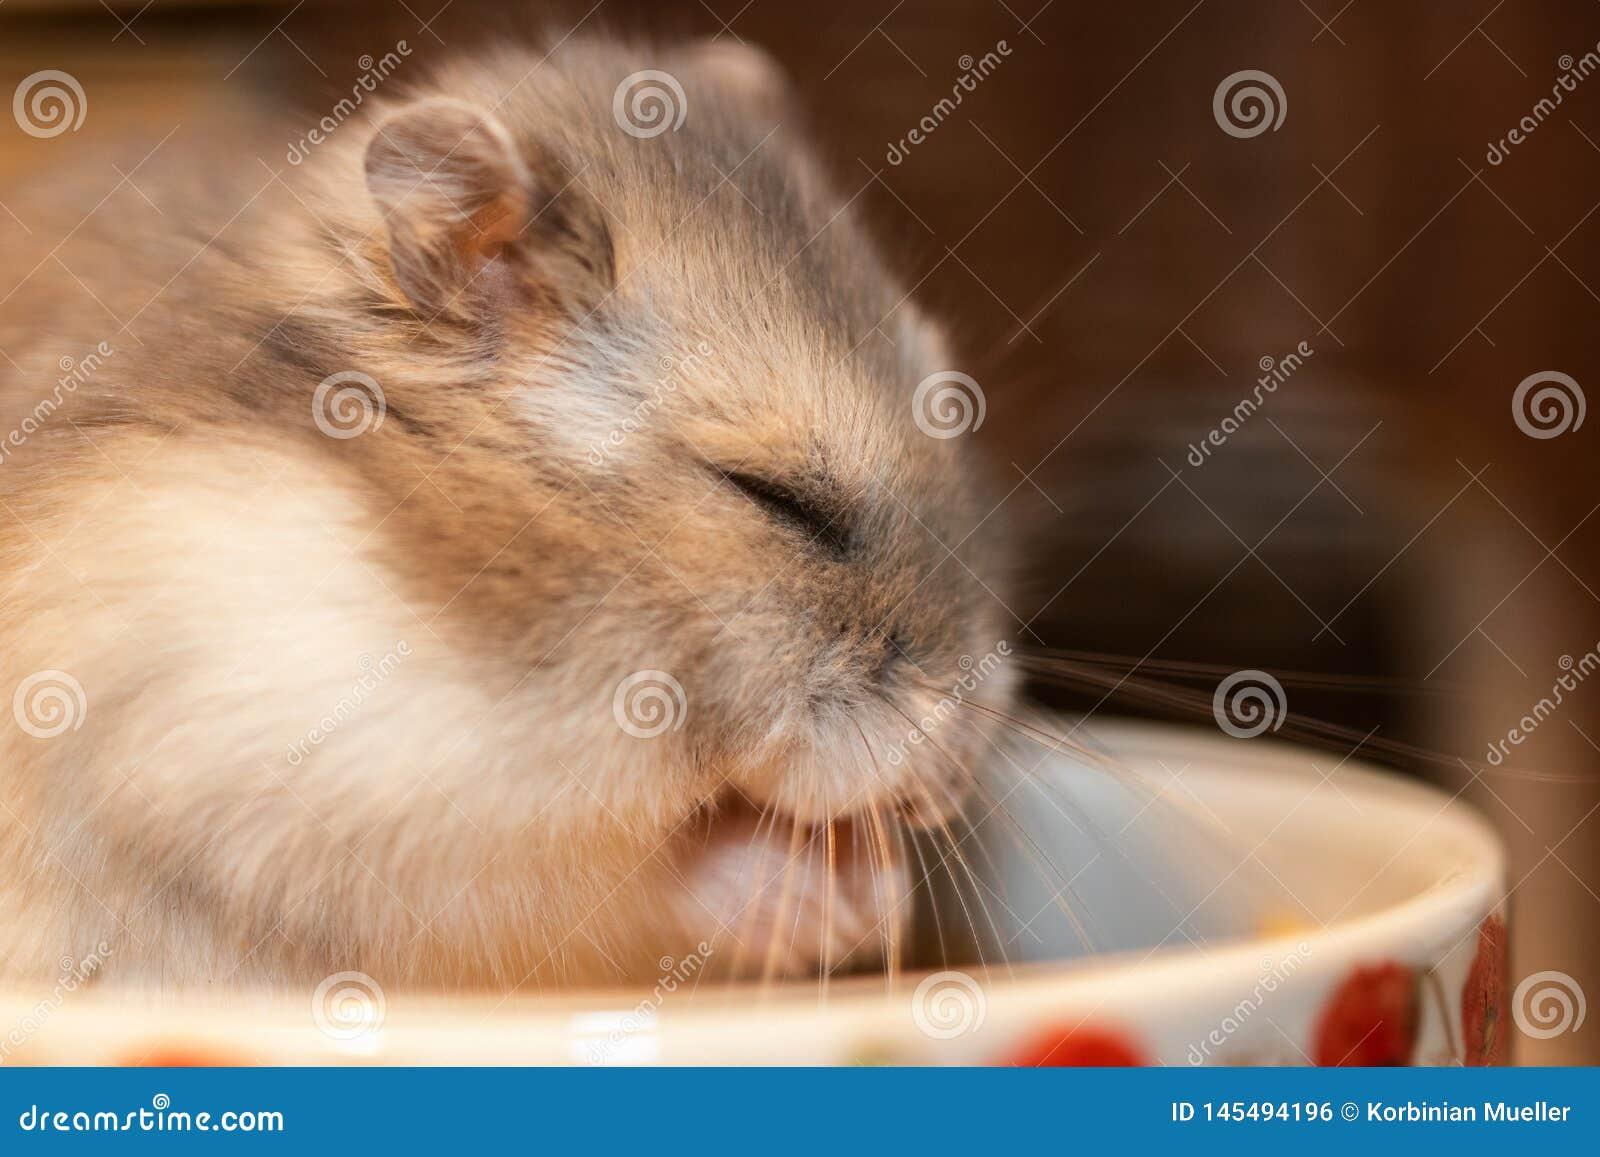 Zwergartiger Hamster schläft in der Nahrungsmittelschüssel